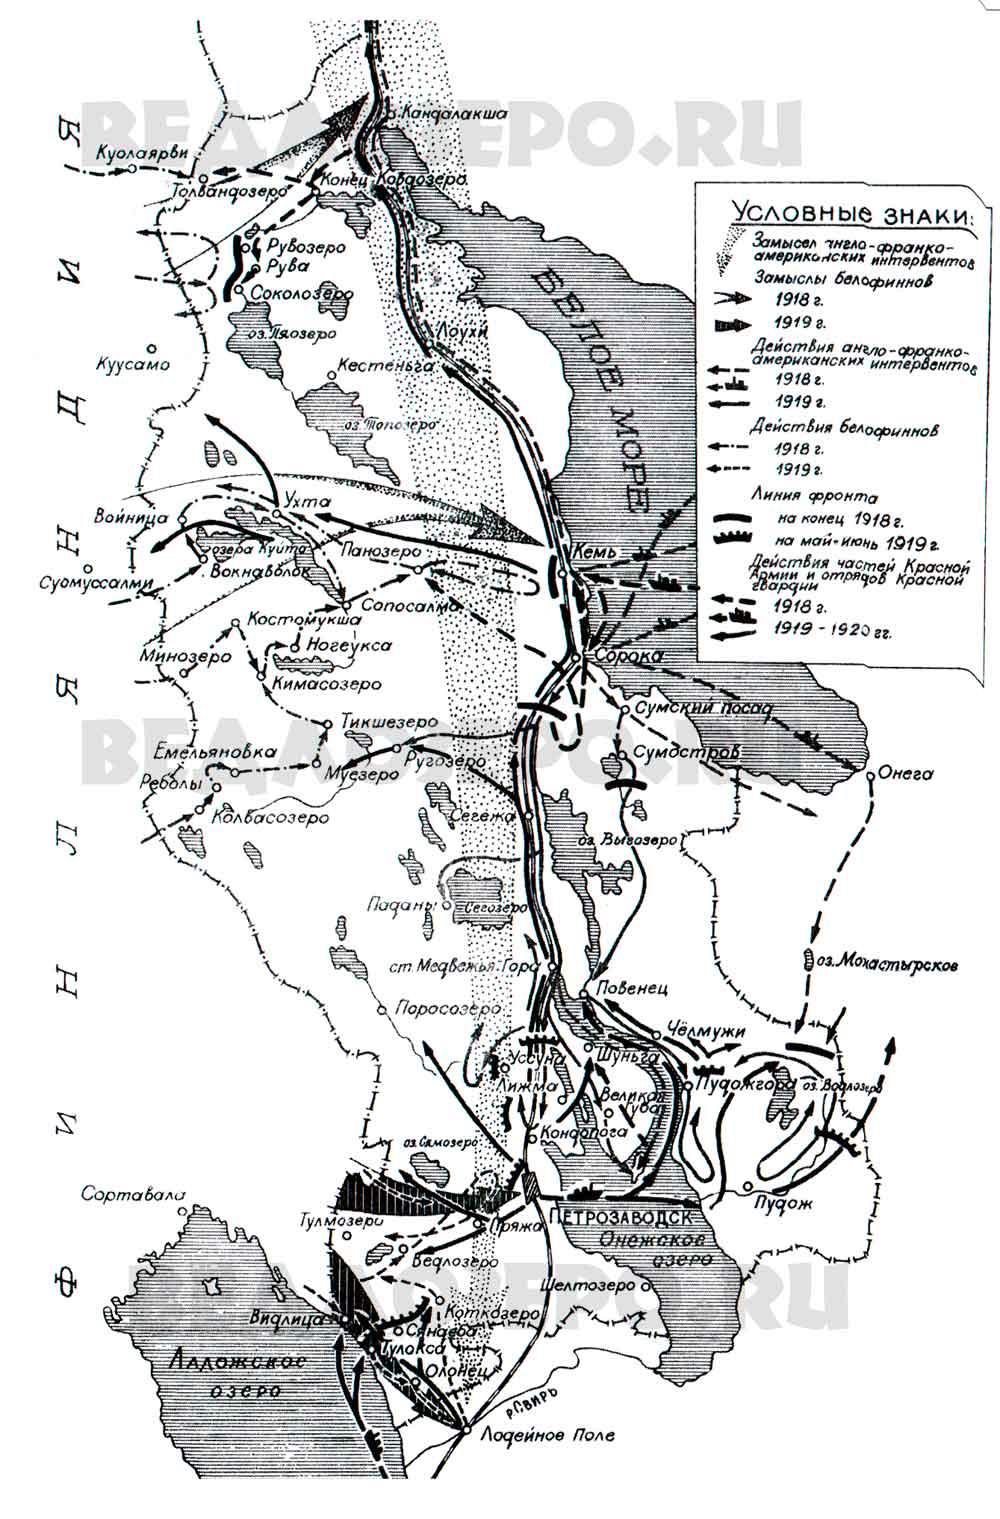 Карта Иностранная интервенция и Гражданская война в Карелии. 1918-1920 гг.